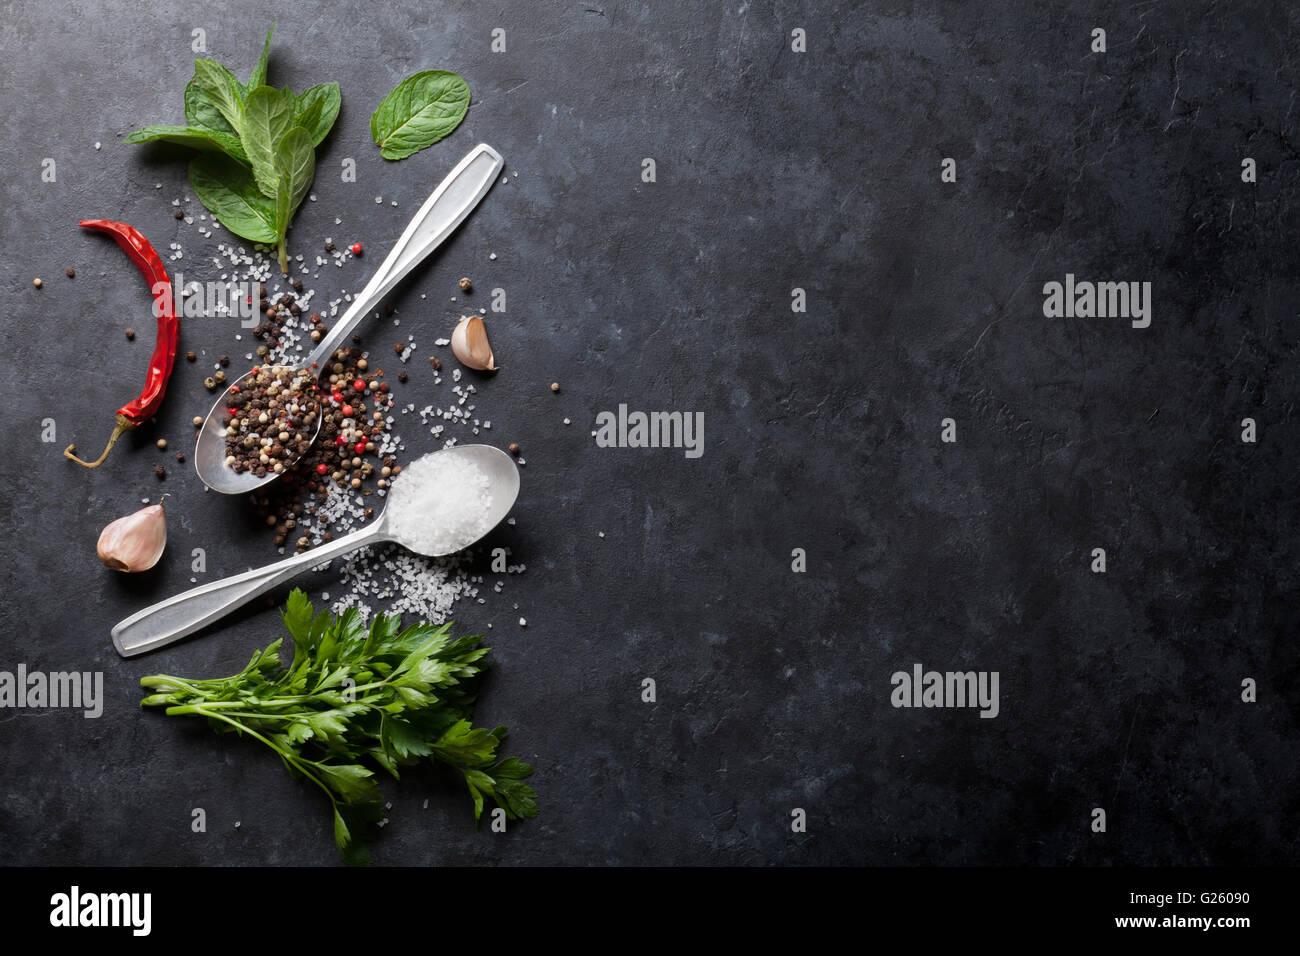 Noir, blanc et rouge poivre et sel epices en cuillère. La menthe et le persil herbes. Top View with copy space Photo Stock